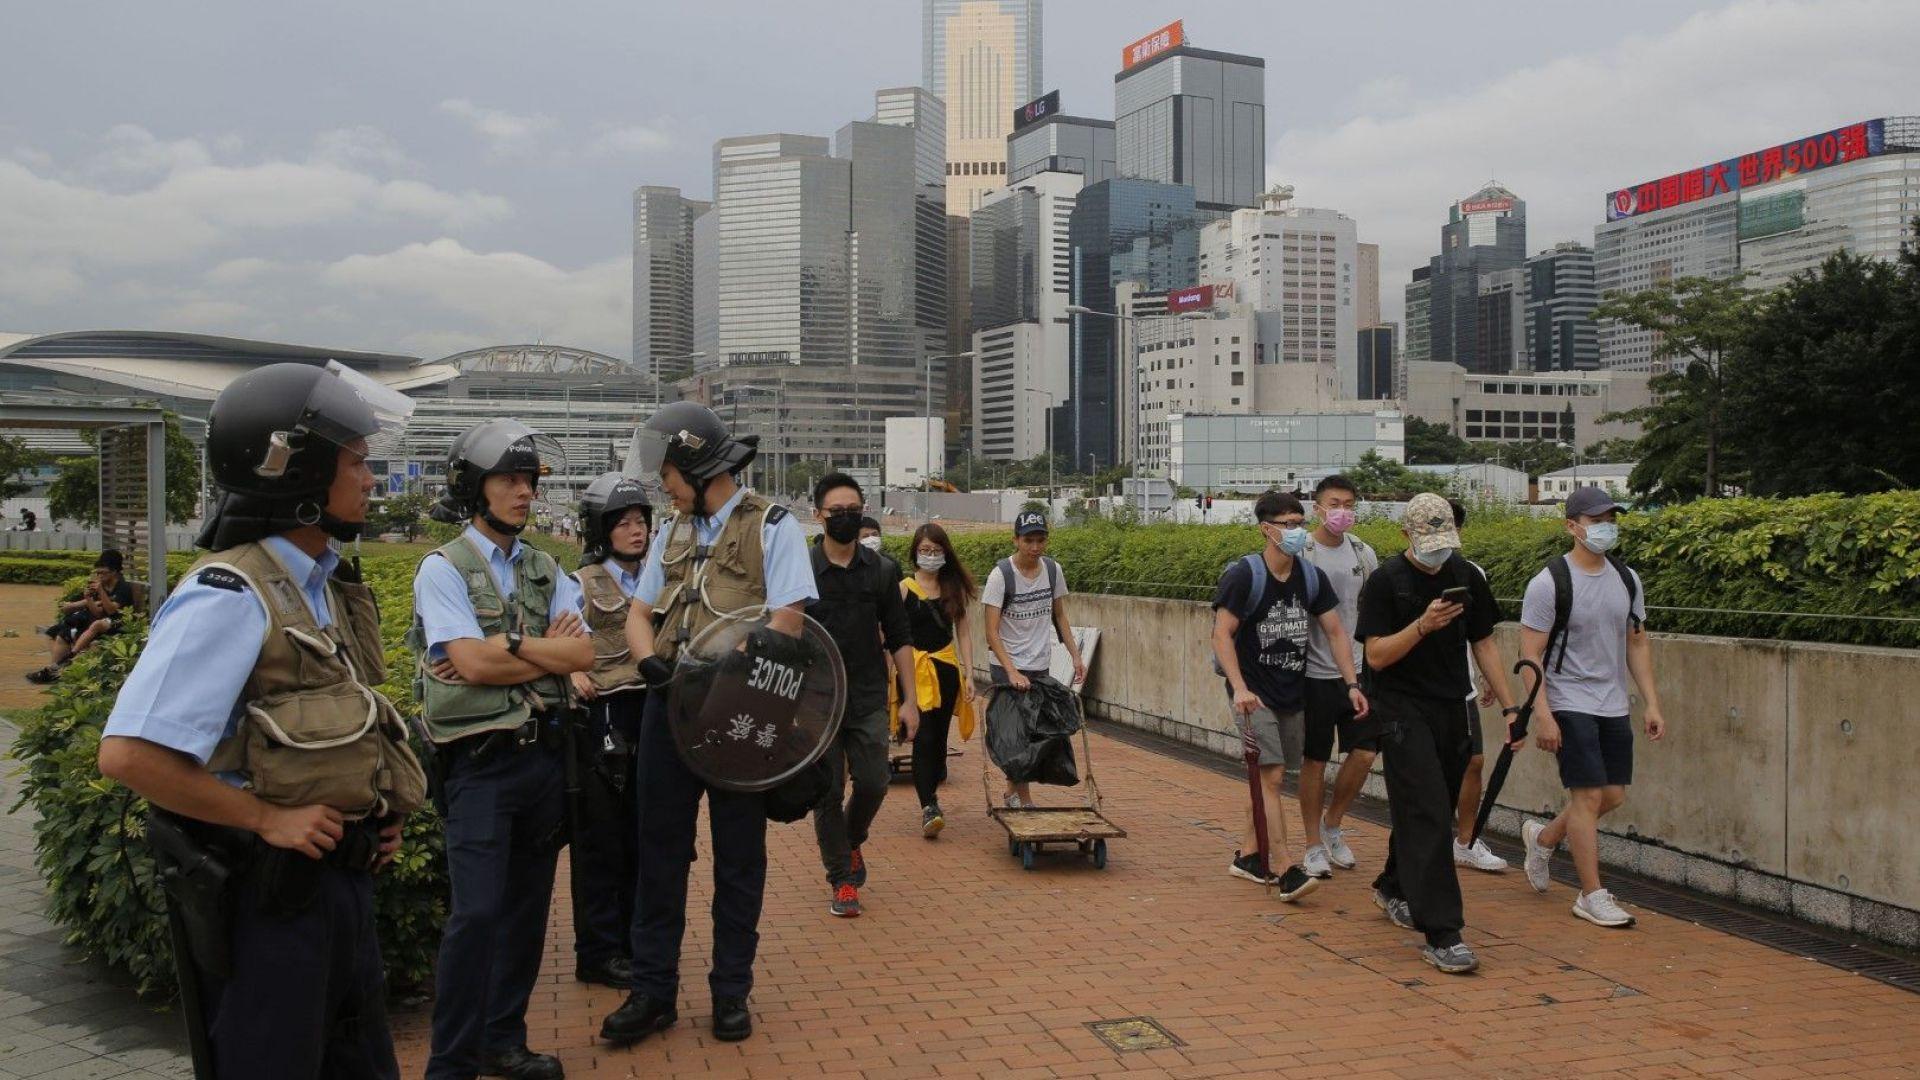 След масовите протести парализа в Хонконг: властта затвори врати